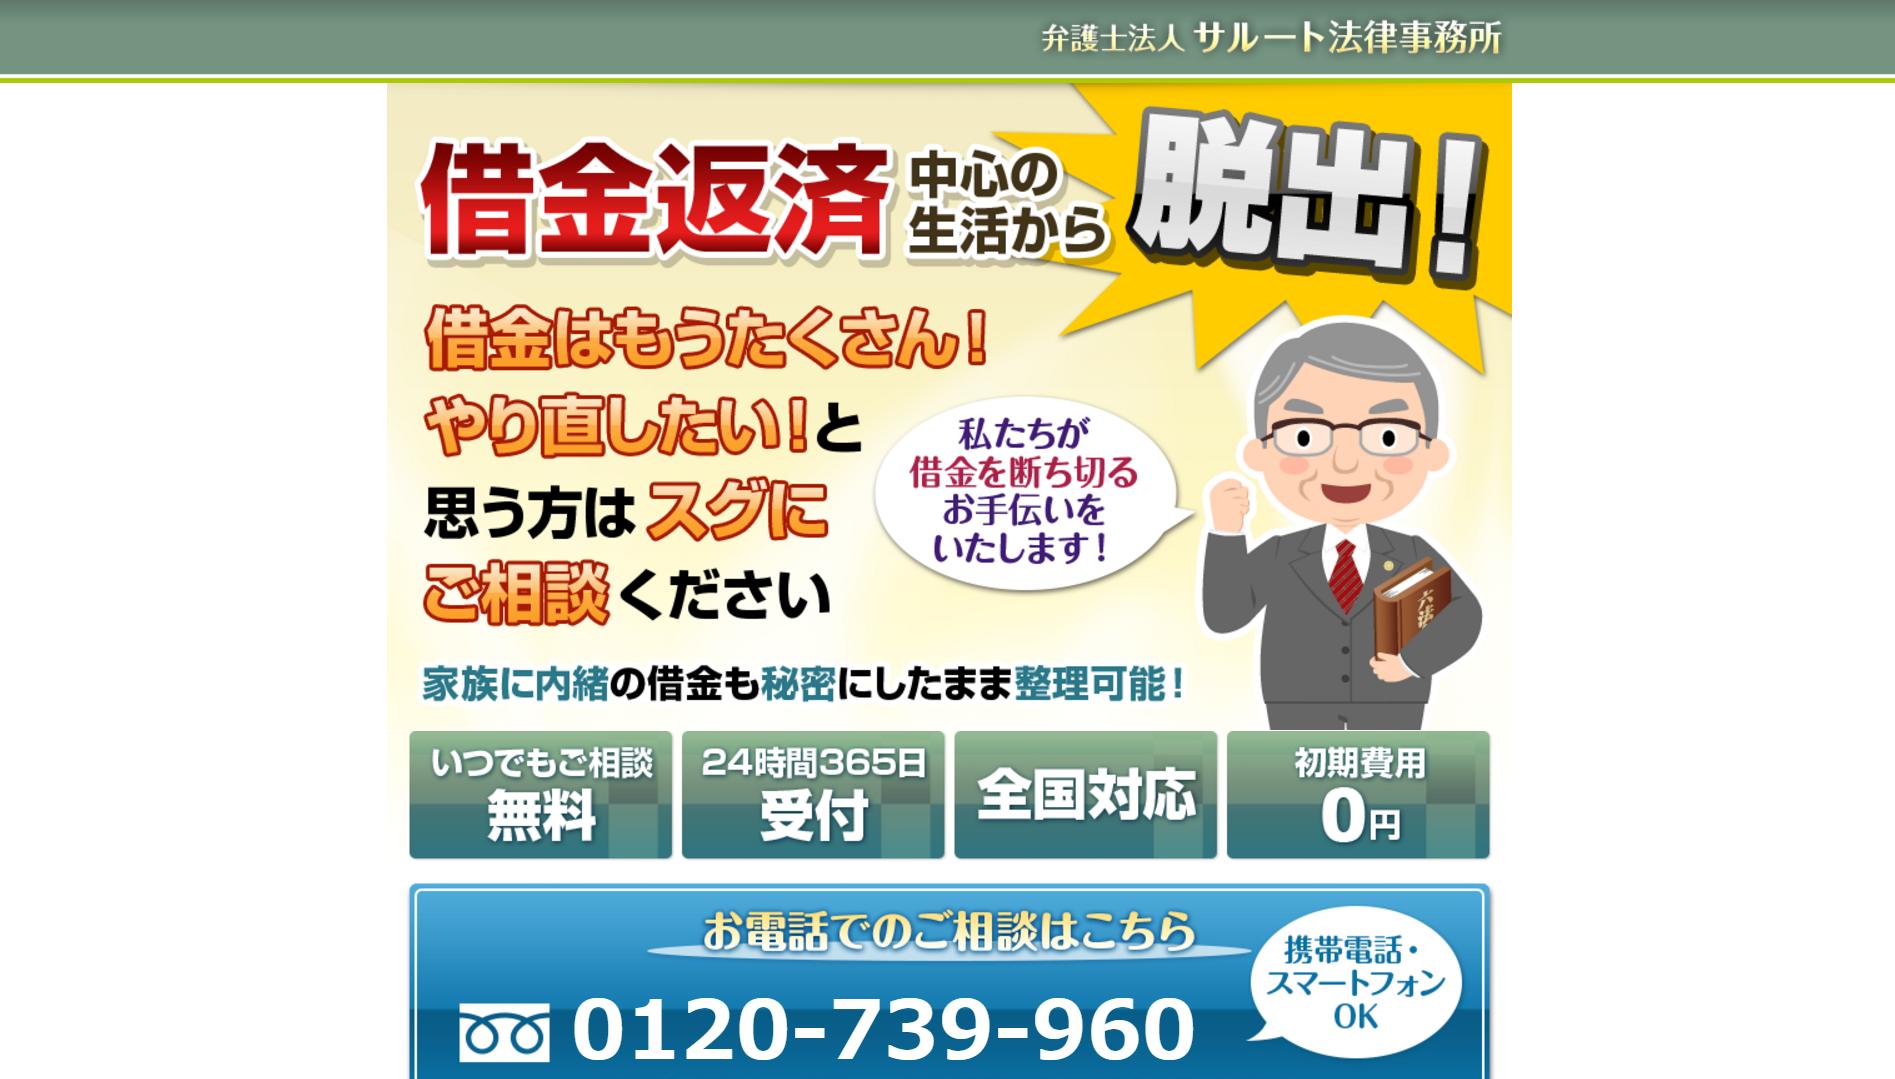 弁護士法人サルート法律事務所(東京都新宿区新宿)